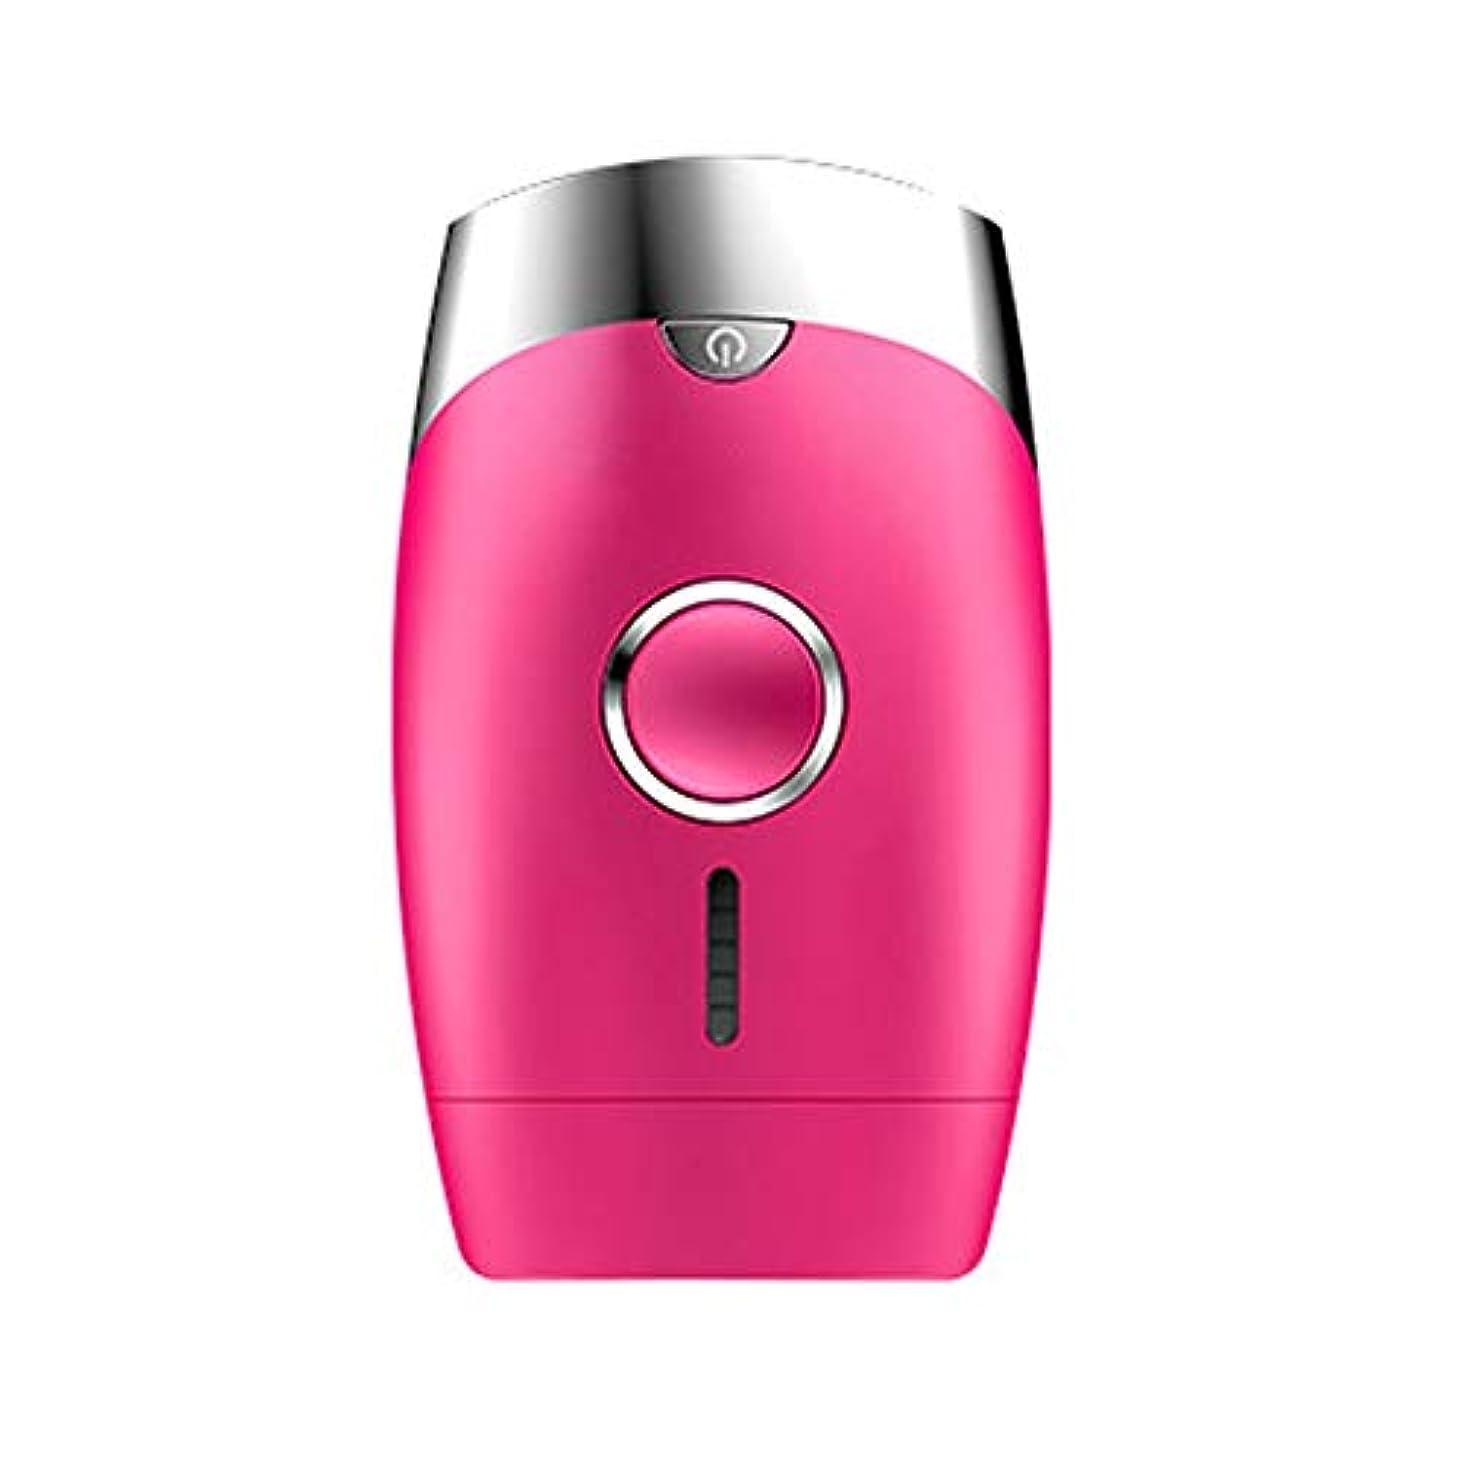 汚す丁寧粒子ダパイ ピンク、5スピード調整、インテリジェント家庭用痛みのない凝固点ヘアリムーバー、シングルフラッシュ/連続フラッシュ、サイズ13.9 X 8.3 X 4.8 Cm U546 (Color : Pink)